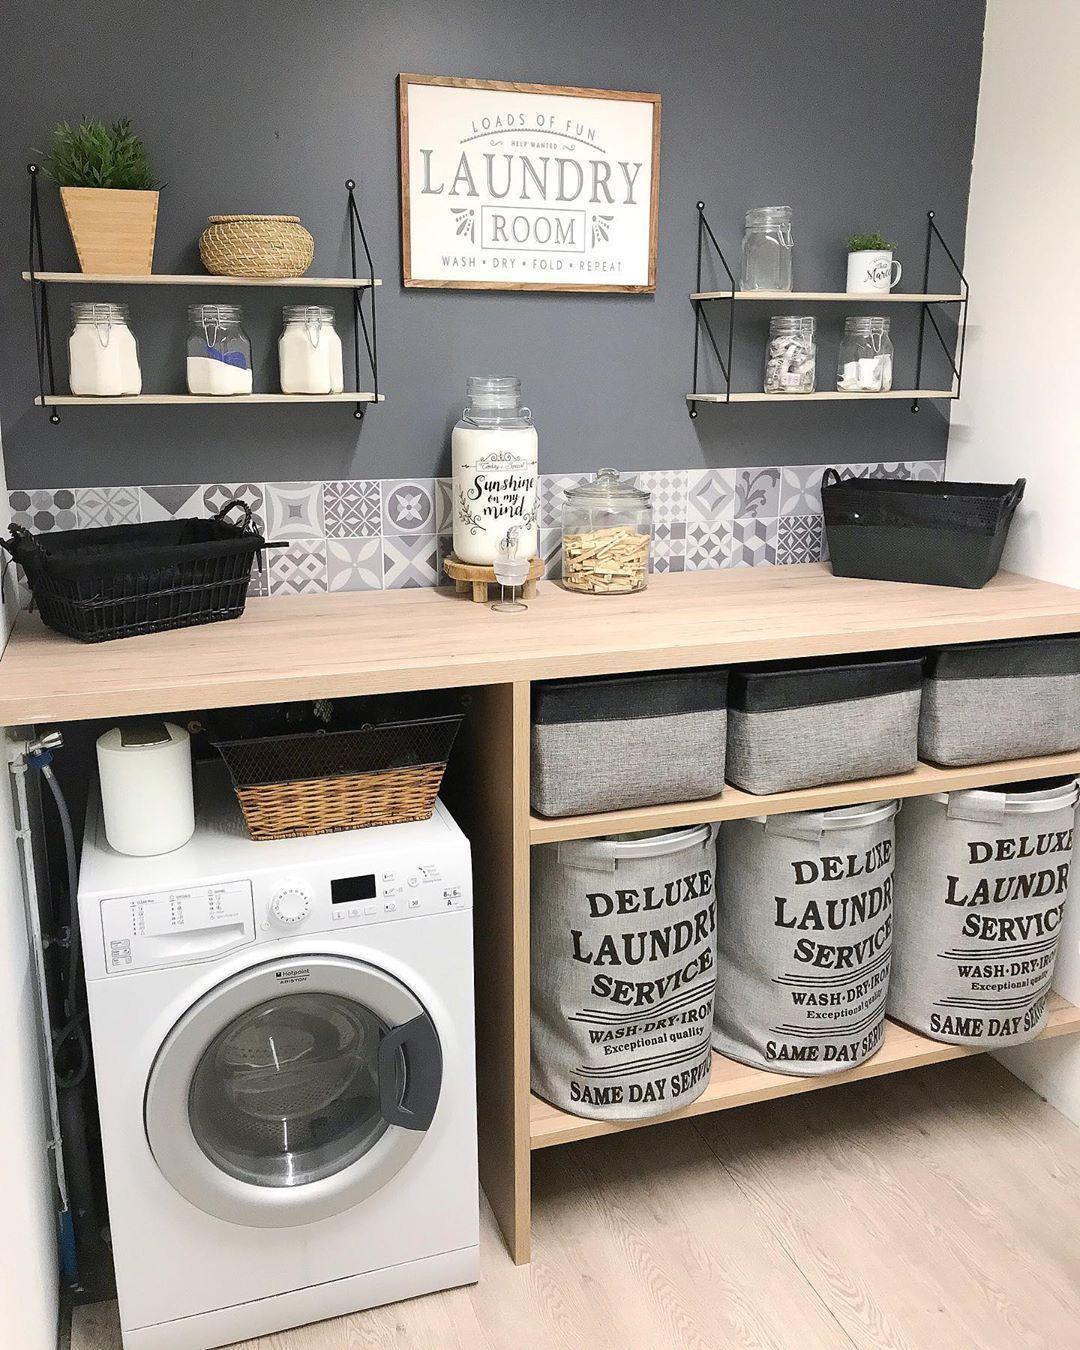 𝐿𝑎𝑒𝑡𝑖𝑡𝑖𝑎 𝐿𝑎𝑒𝑡𝑖𝑡𝑖𝑎 Auf Instagram Waschkuche Agencement Buanderie Idee Deco Buanderie Design Buanderie